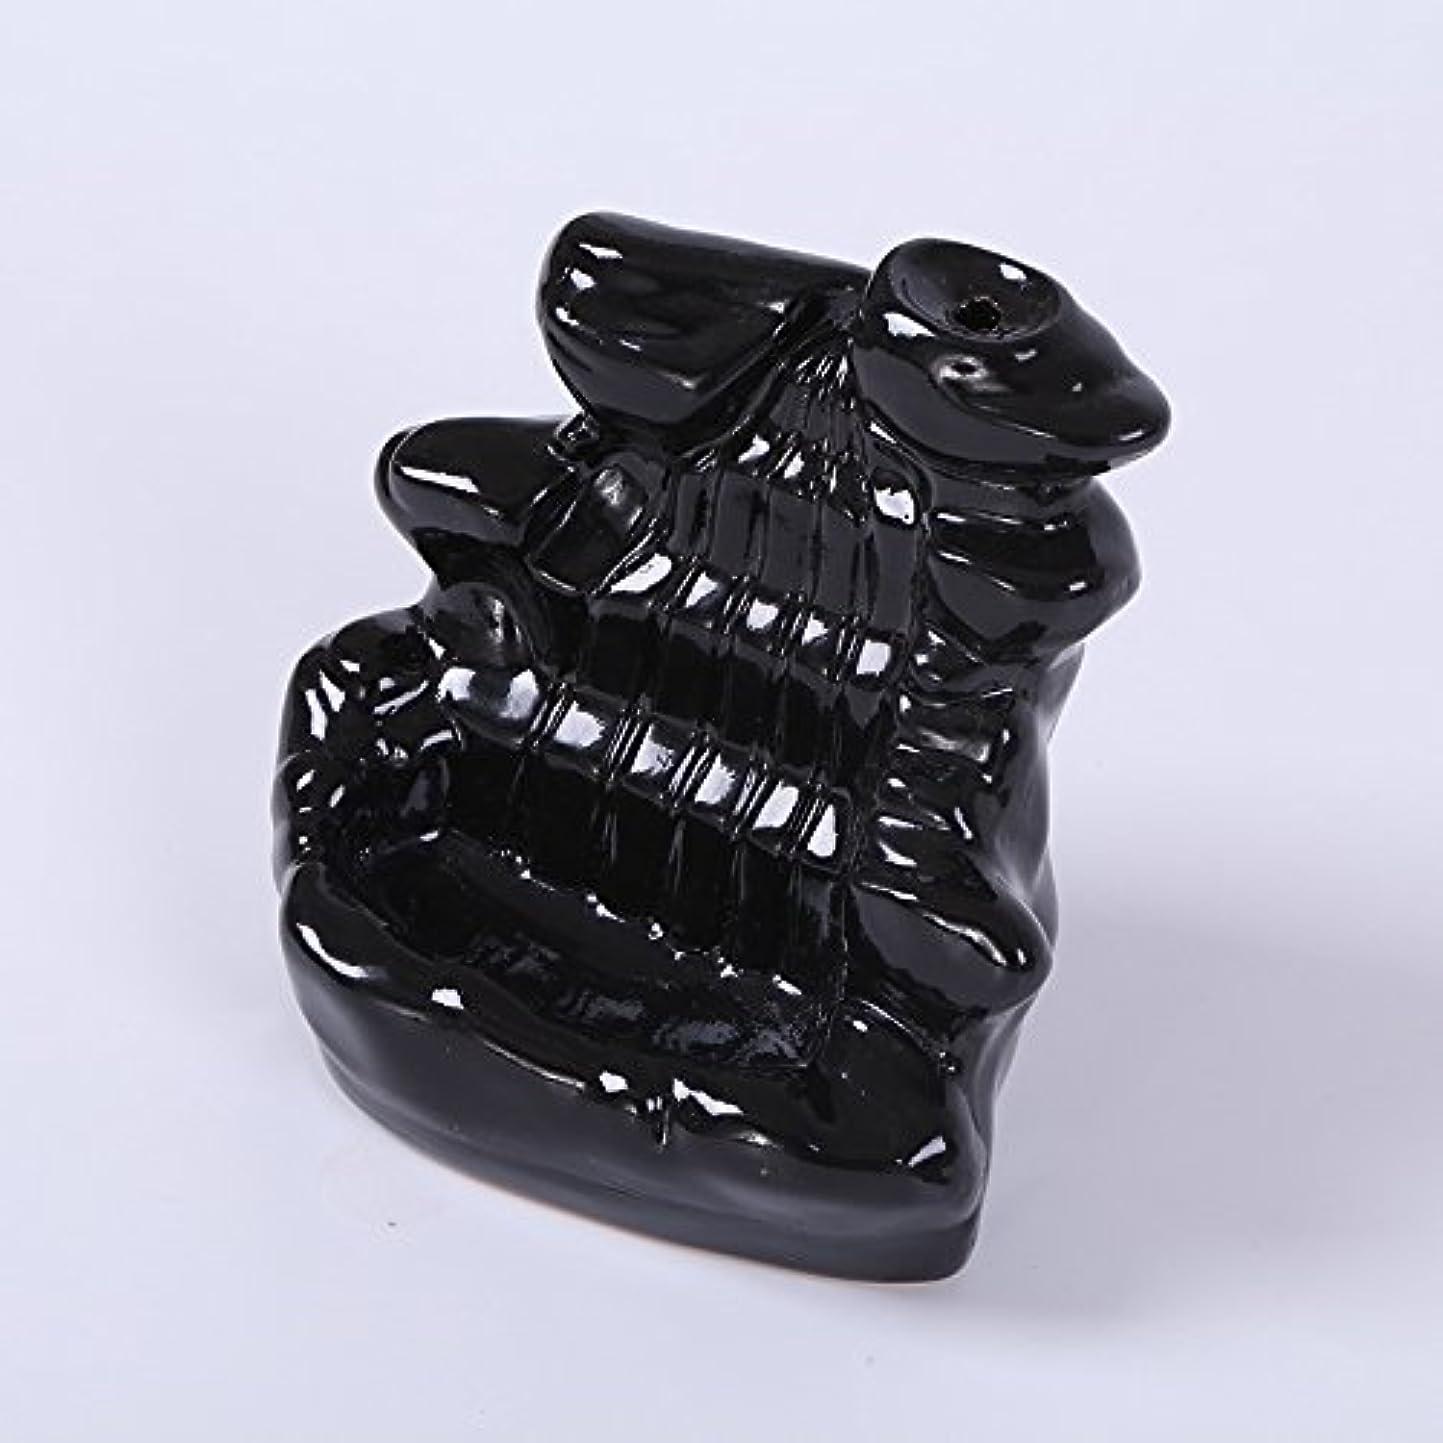 洞察力のある保安砂漠Kicode ブラック 滝の磁器の逆流 セラミックコーン 香炉 ホルダー仏教ホームオフィスデコレーション